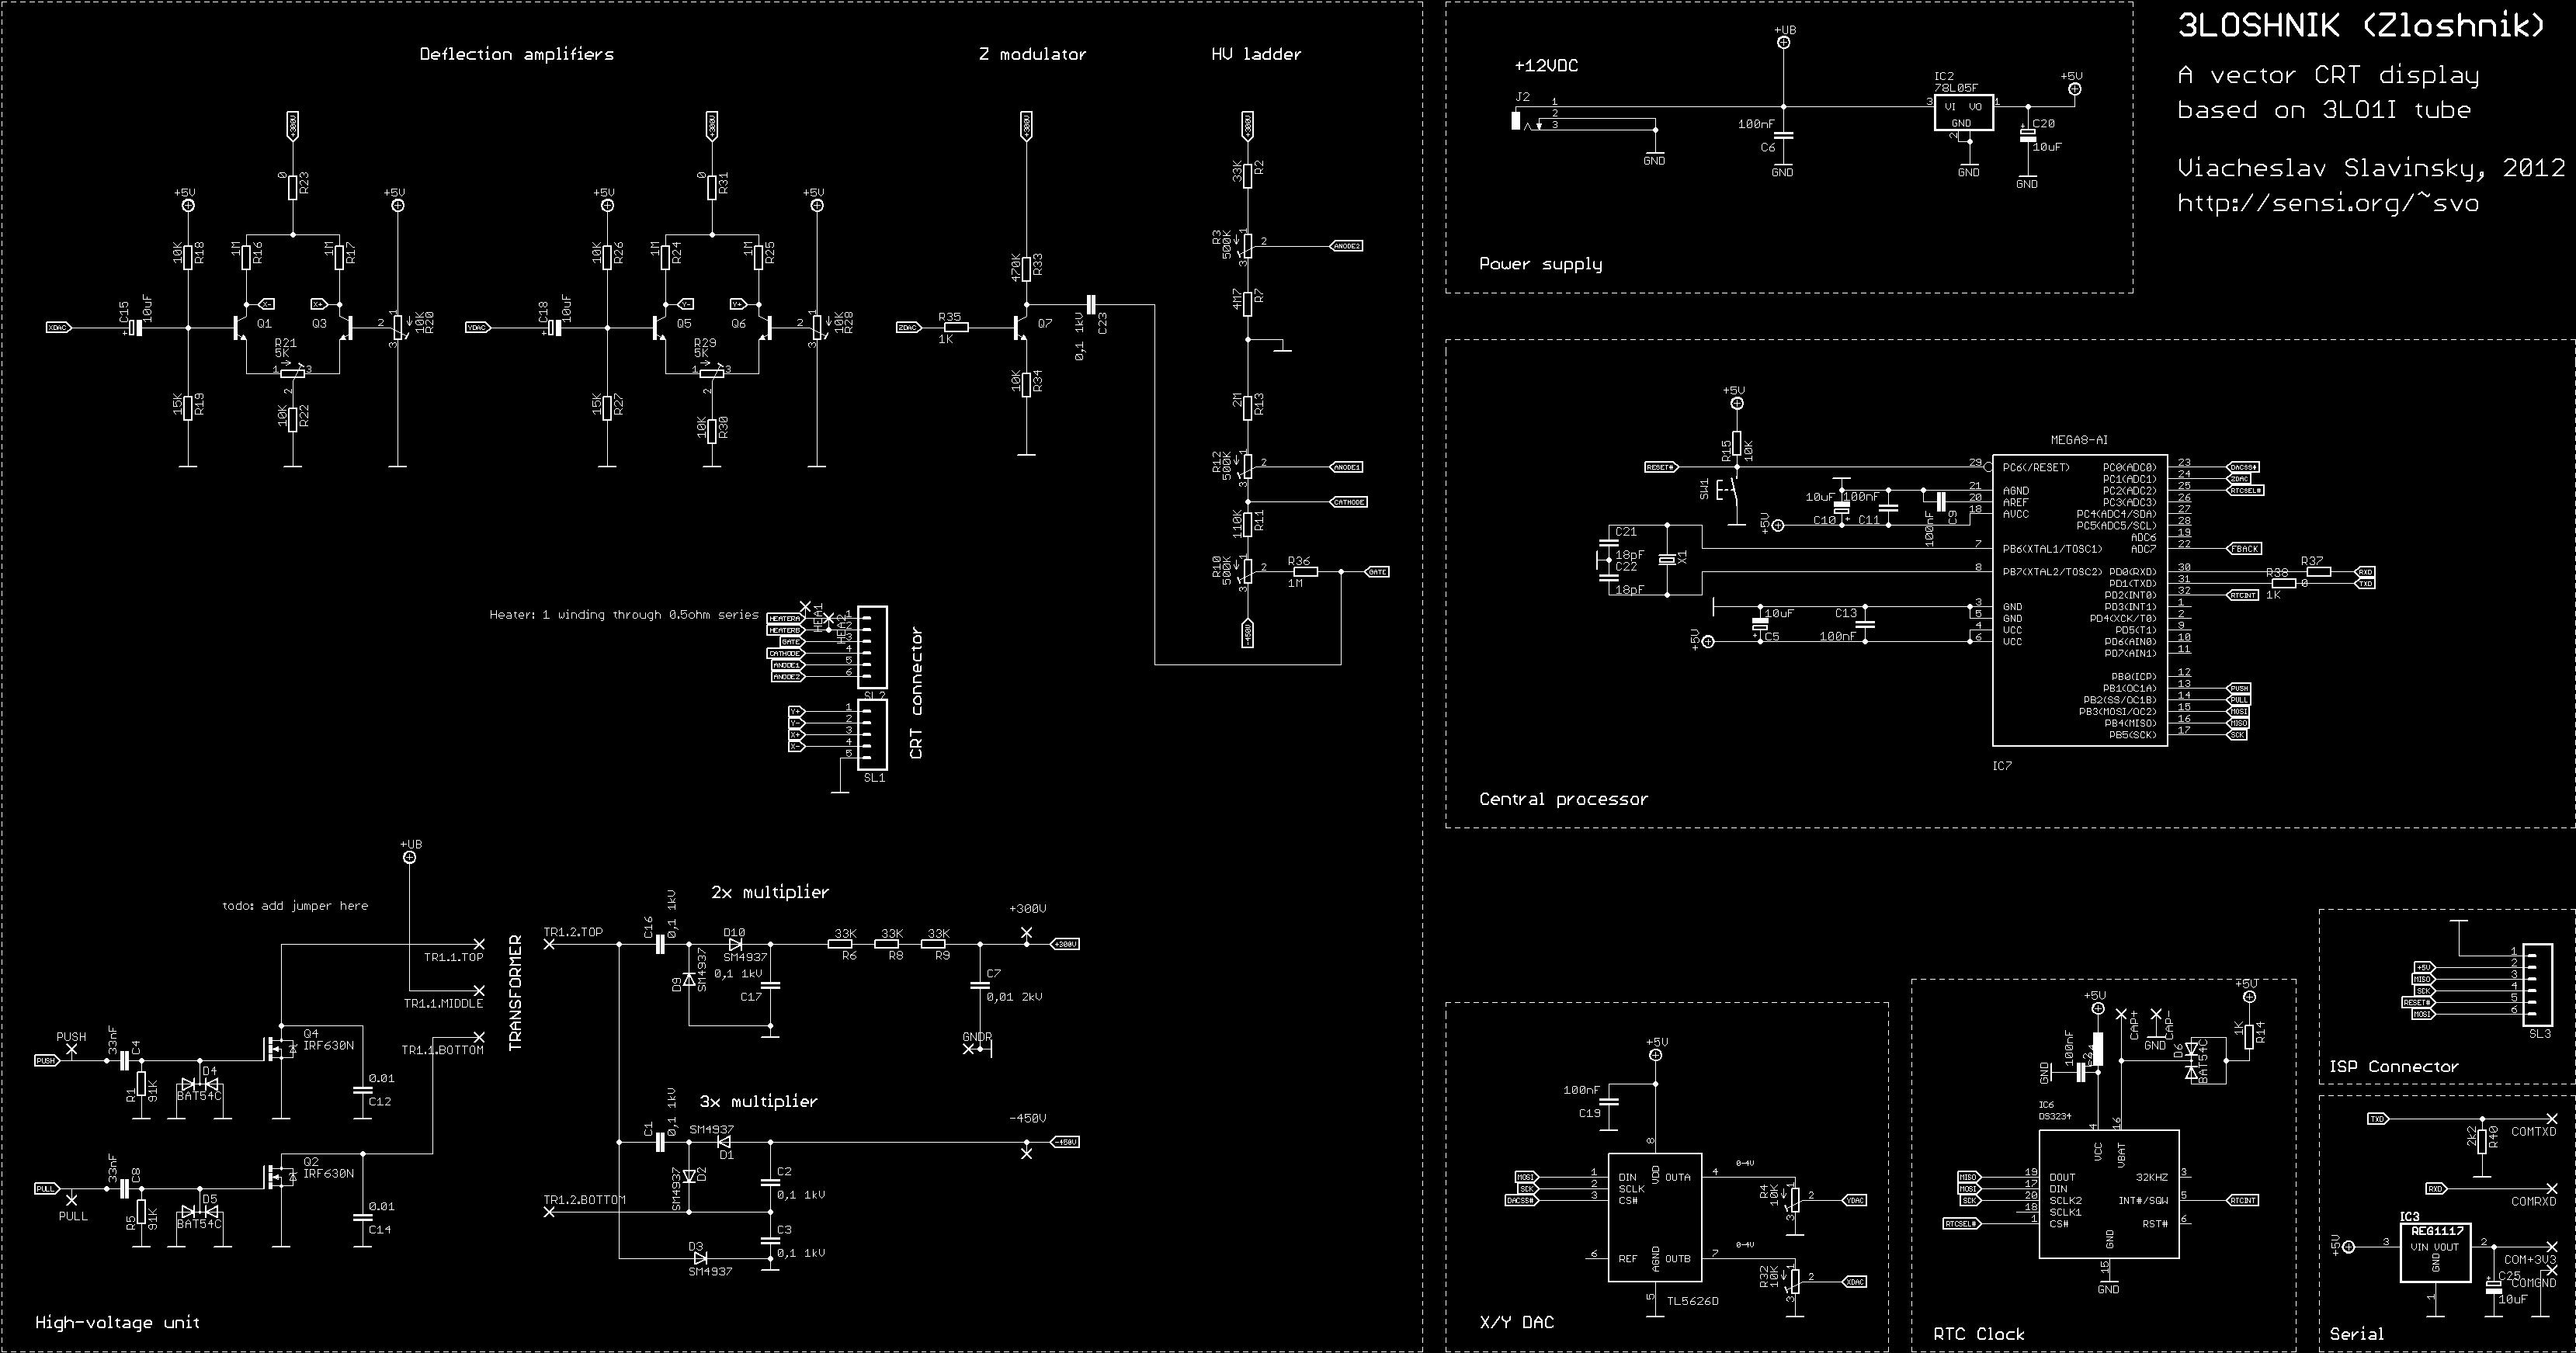 Zloshnik Vector Crt Display Screen Schematic The Complete Circuit